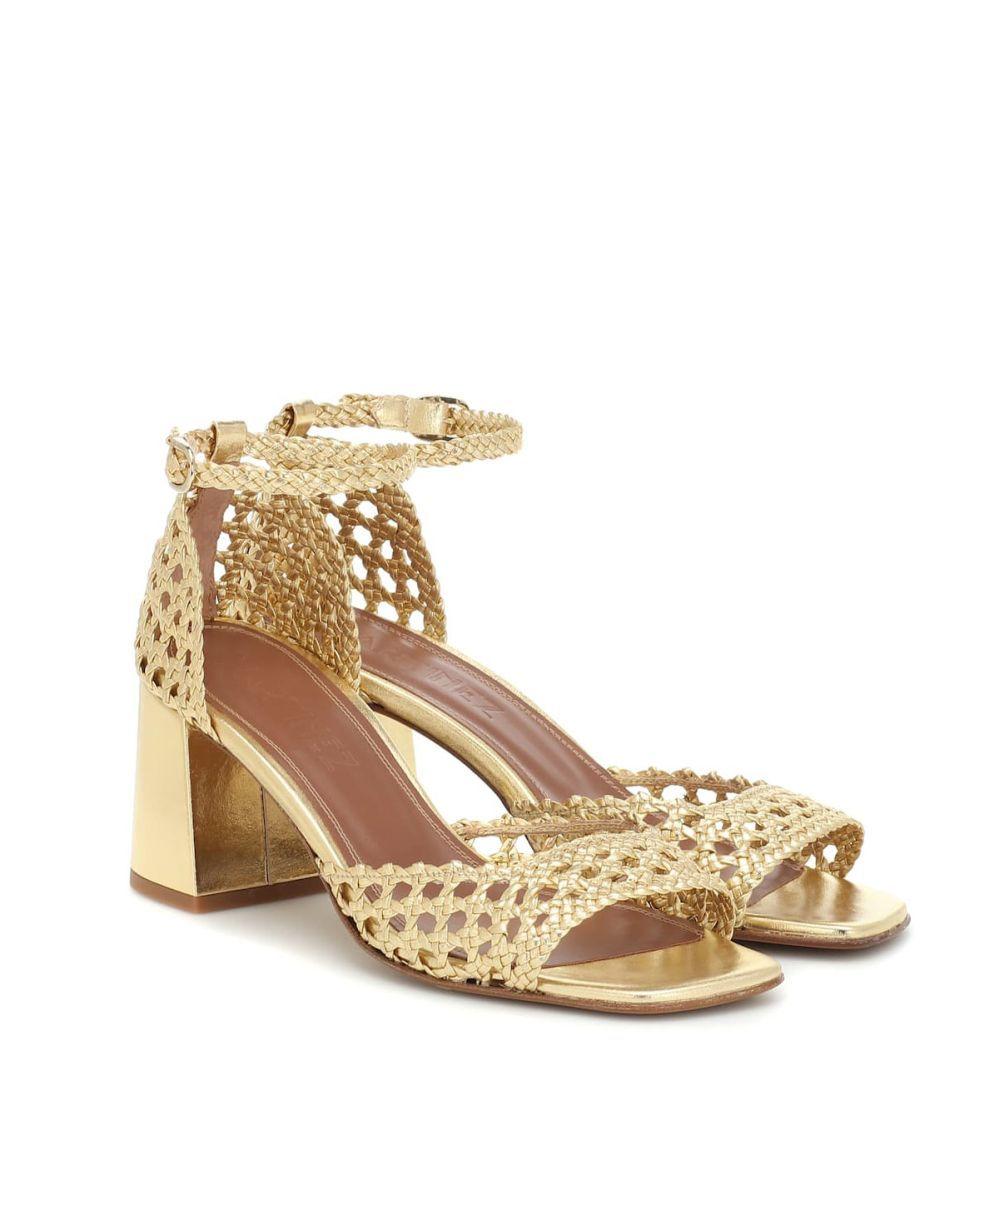 Sandalias de Souliers Martinez